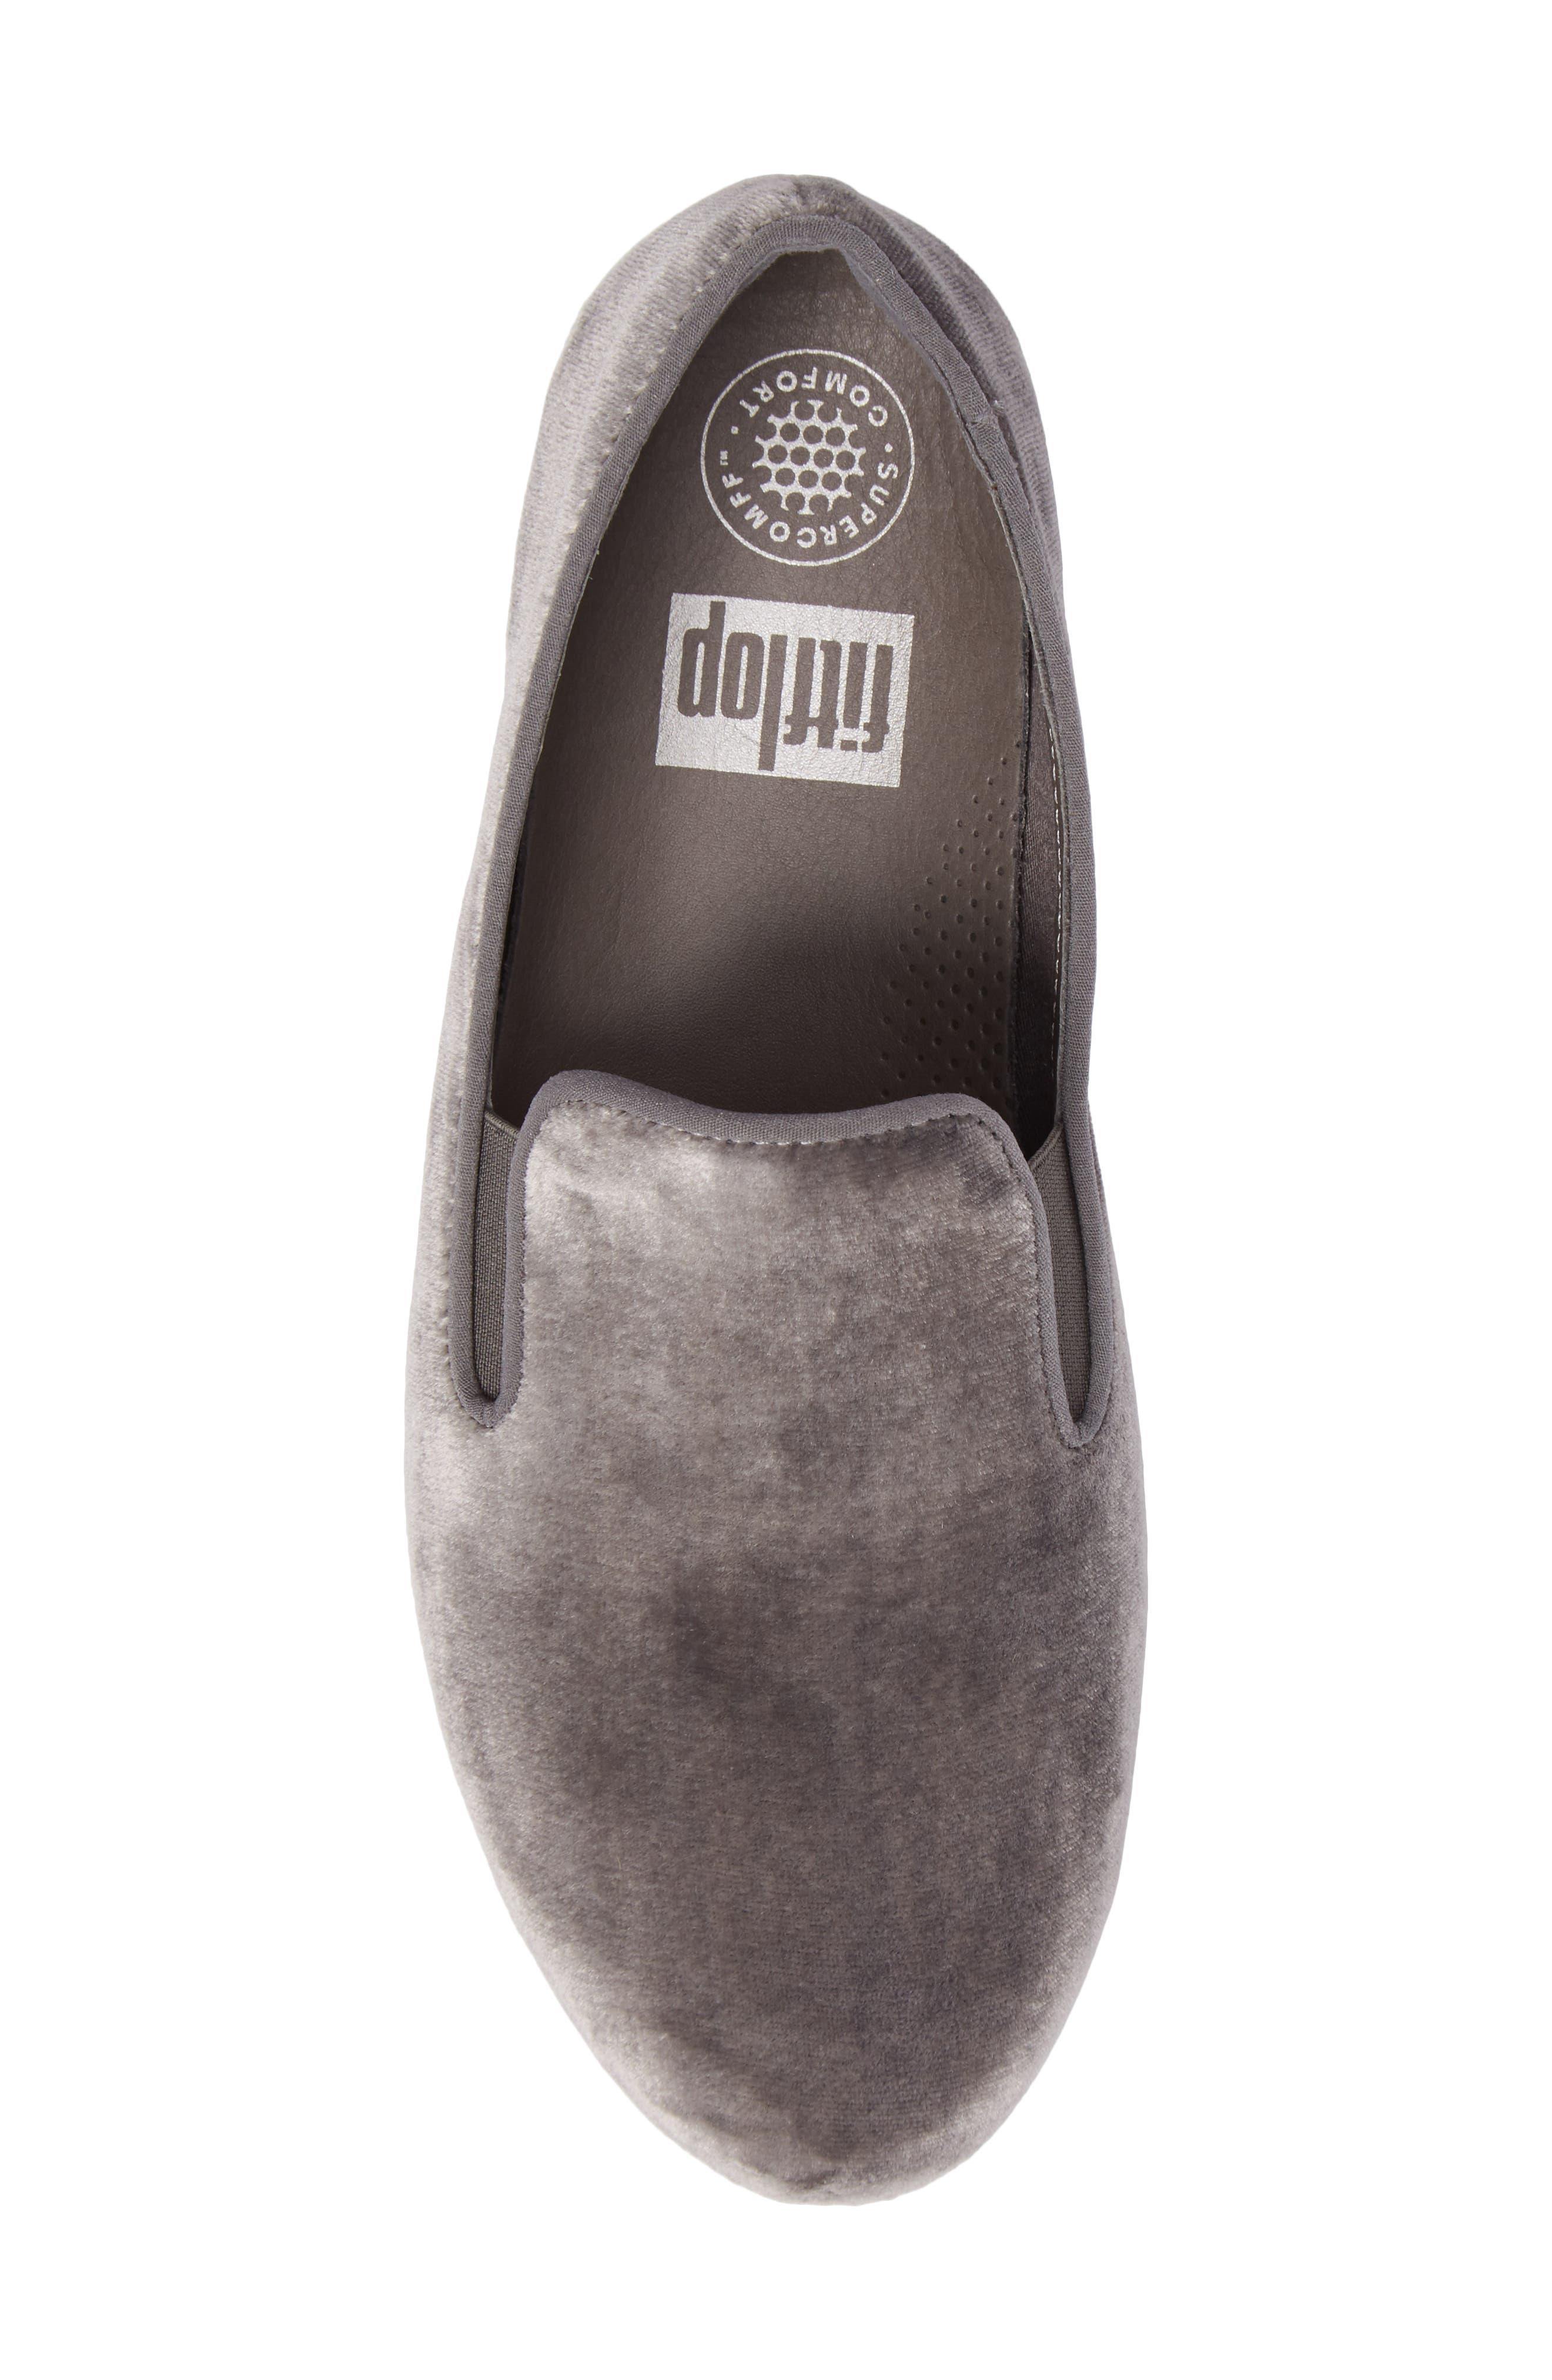 Superskate Slip-On Sneaker,                             Alternate thumbnail 5, color,                             040